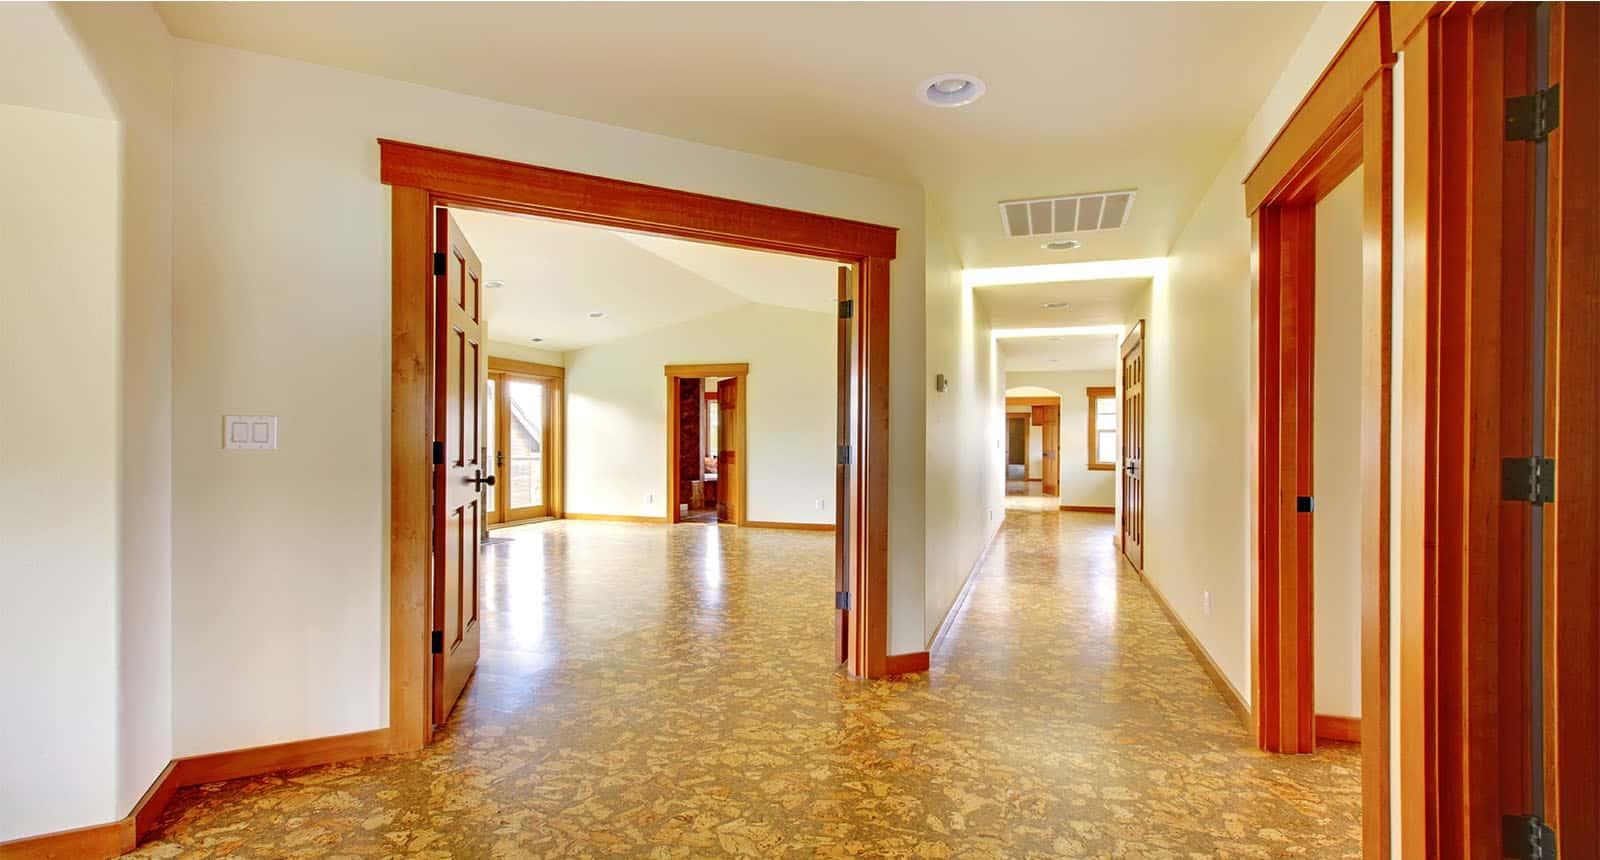 Large Hallway Empty House